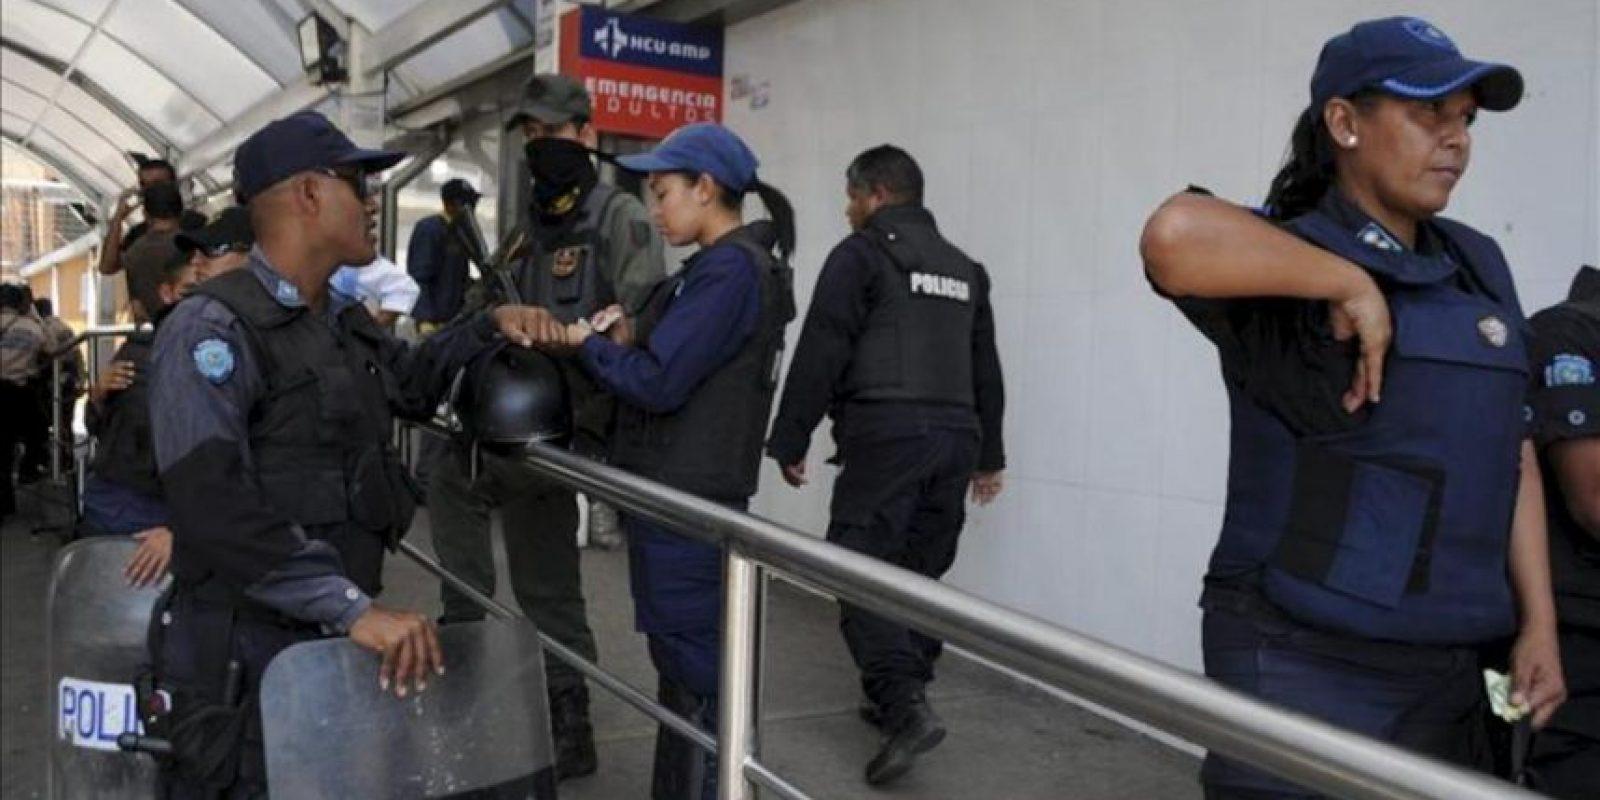 """Policías custodian la entrada a emergencias del Hospital de Barquisimeto, Estado Lara (Venezuela). El vicepresidente de Venezuela, Nicolás Maduro, lamentó las muertes registradas durante un motín ocurrido en la cárcel de Uribana, en el occidente del país, que dejó al menos 54 muertos y 80 heridos, y anunció que la Fiscalía y el Parlamento investigarán estos """"tristes"""" acontecimientos. EFE"""